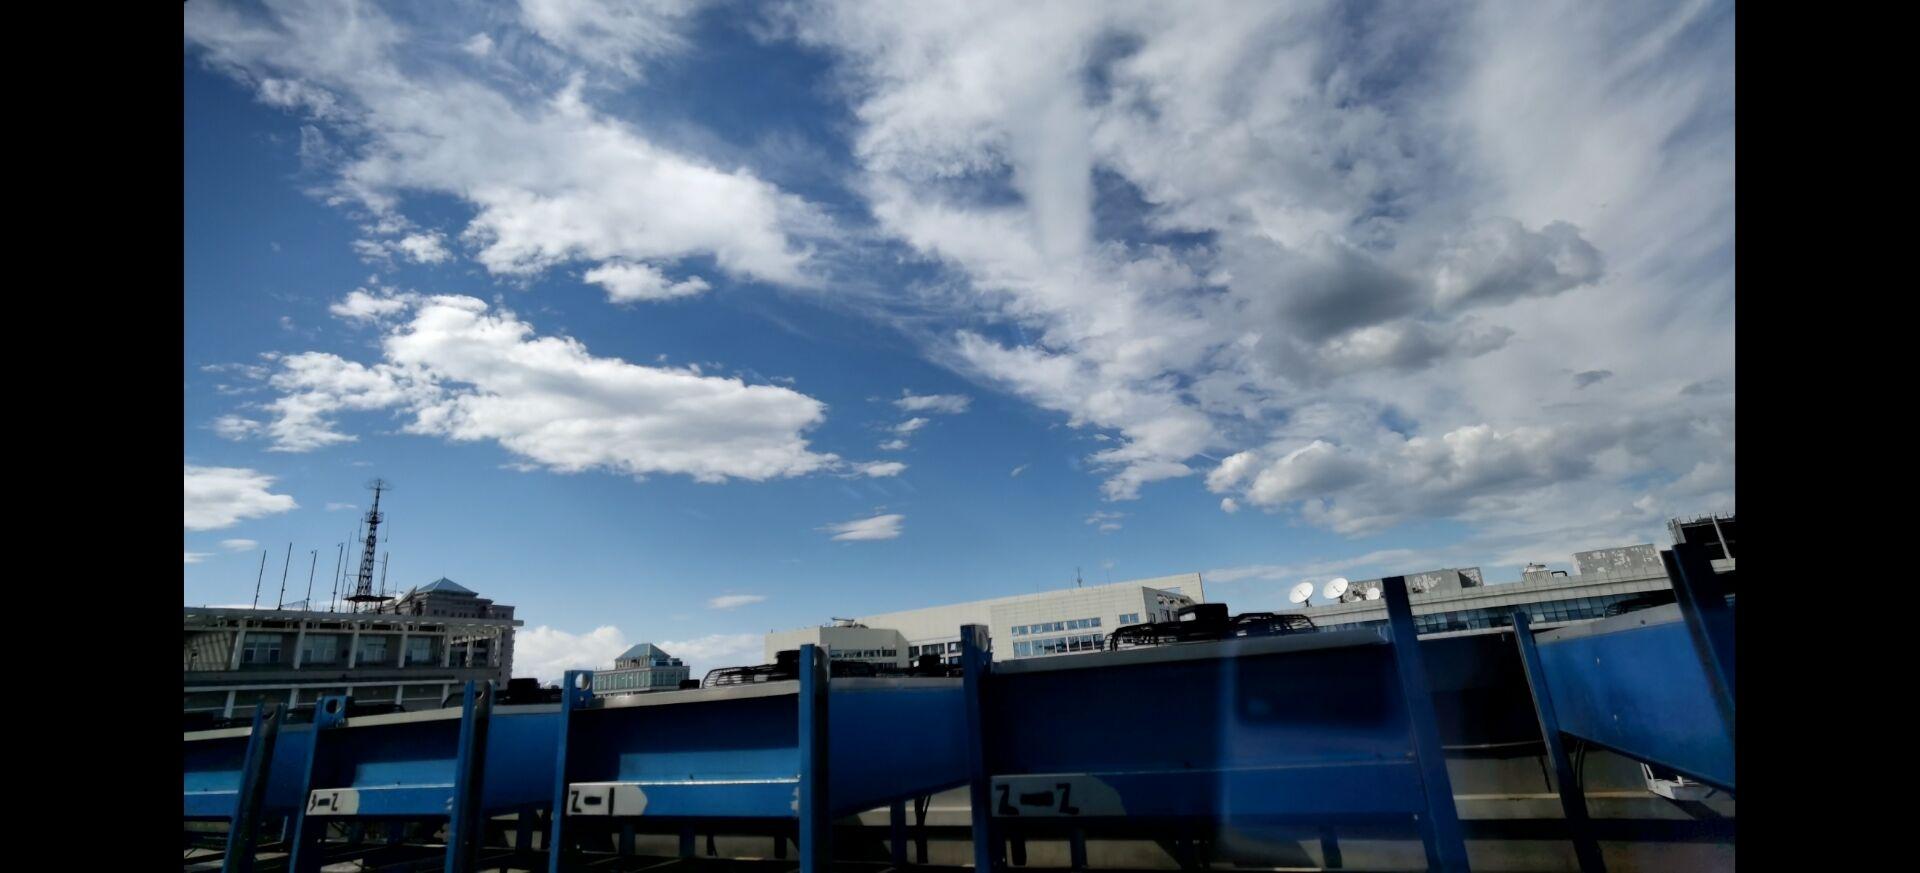 延時攝影看京城天空 流云美如畫